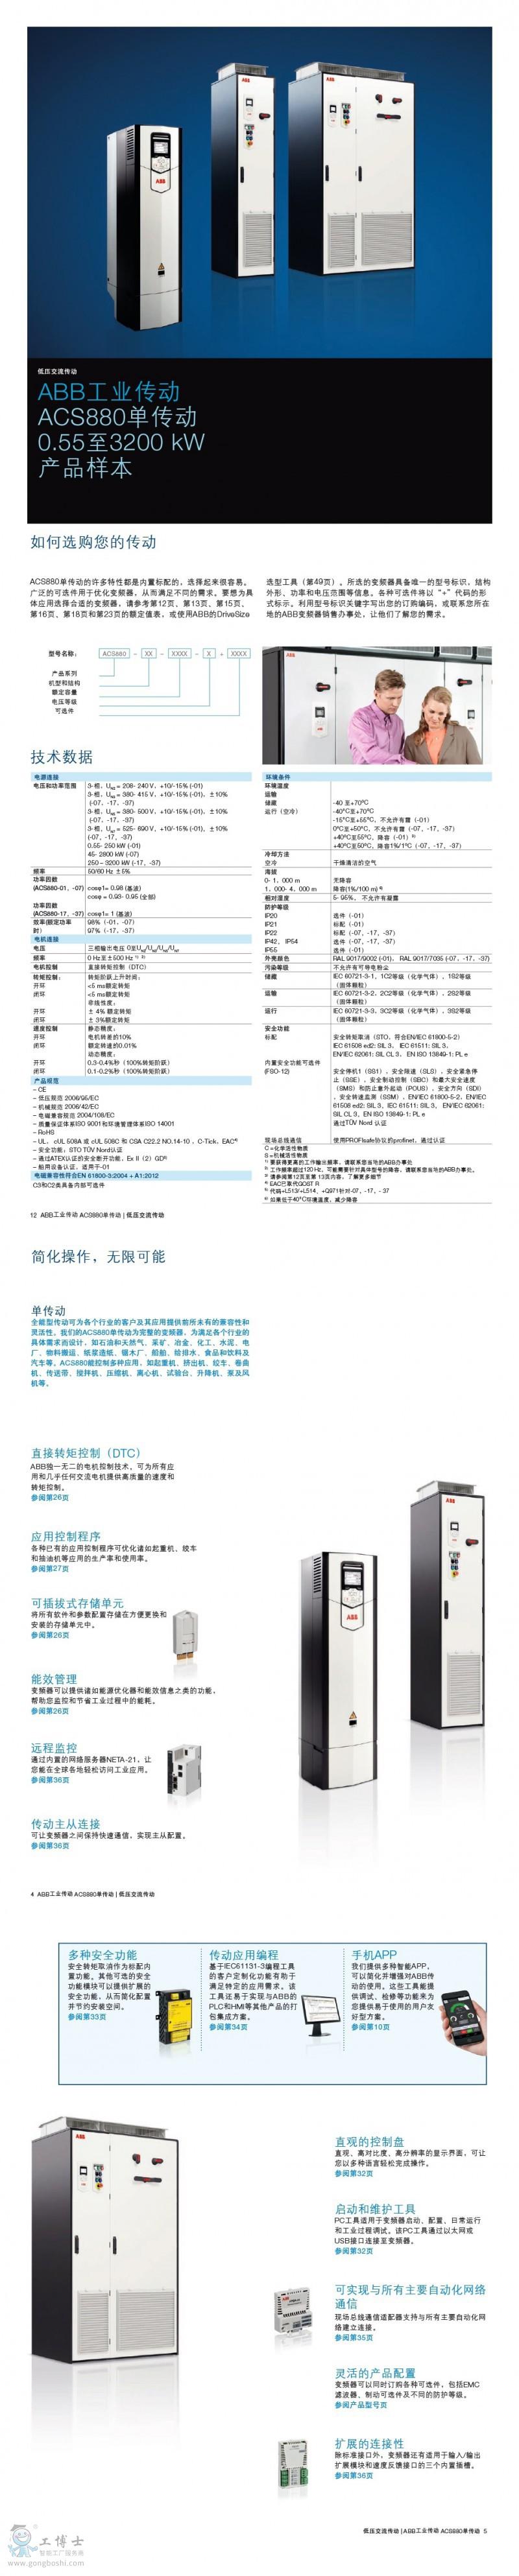 ACS880-1